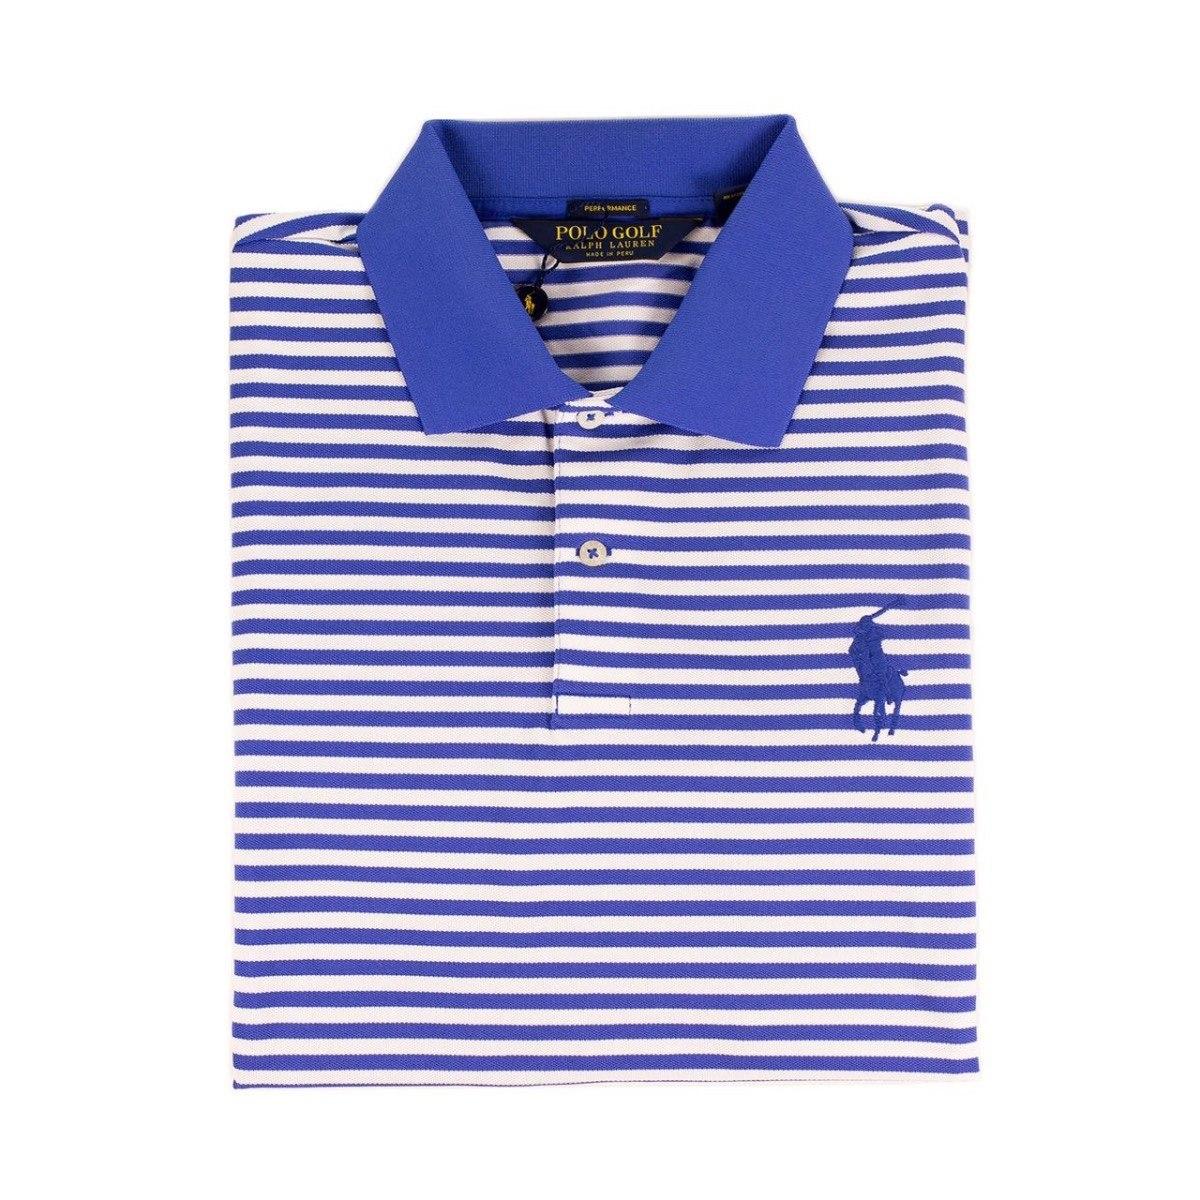 ece6de1aec54e Camisa Polo Ralph Lauren Golf Importada Usa - R  180